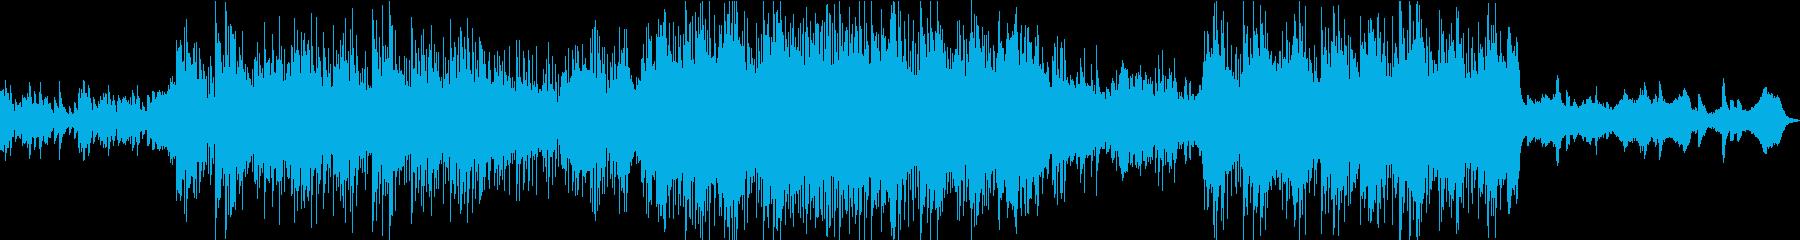 アンビエントで暖かい曲の再生済みの波形